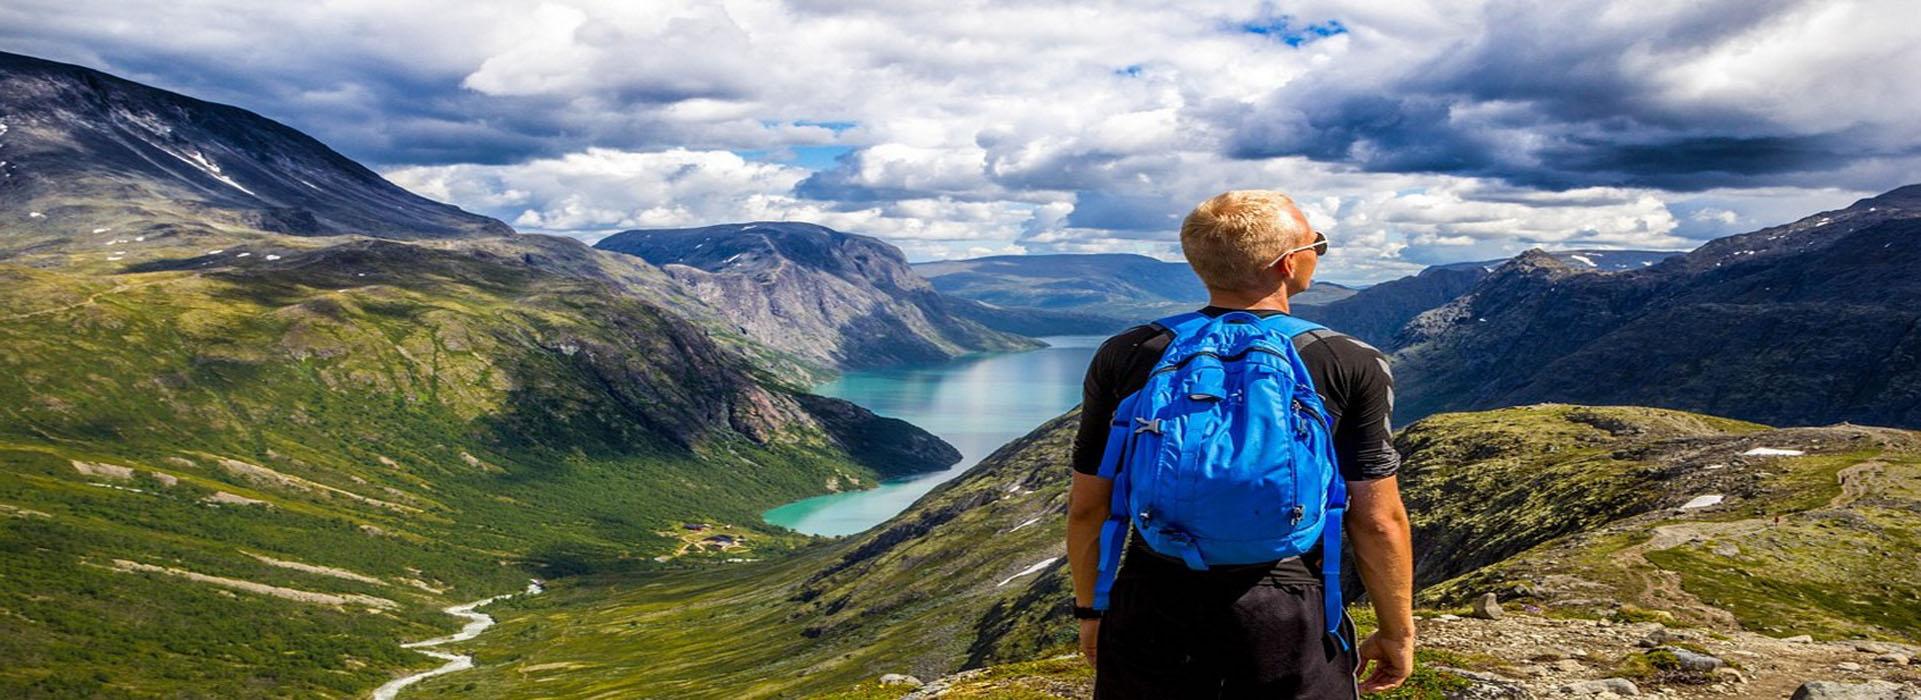 Seguros de Turismo Activo y Observación de la naturaleza